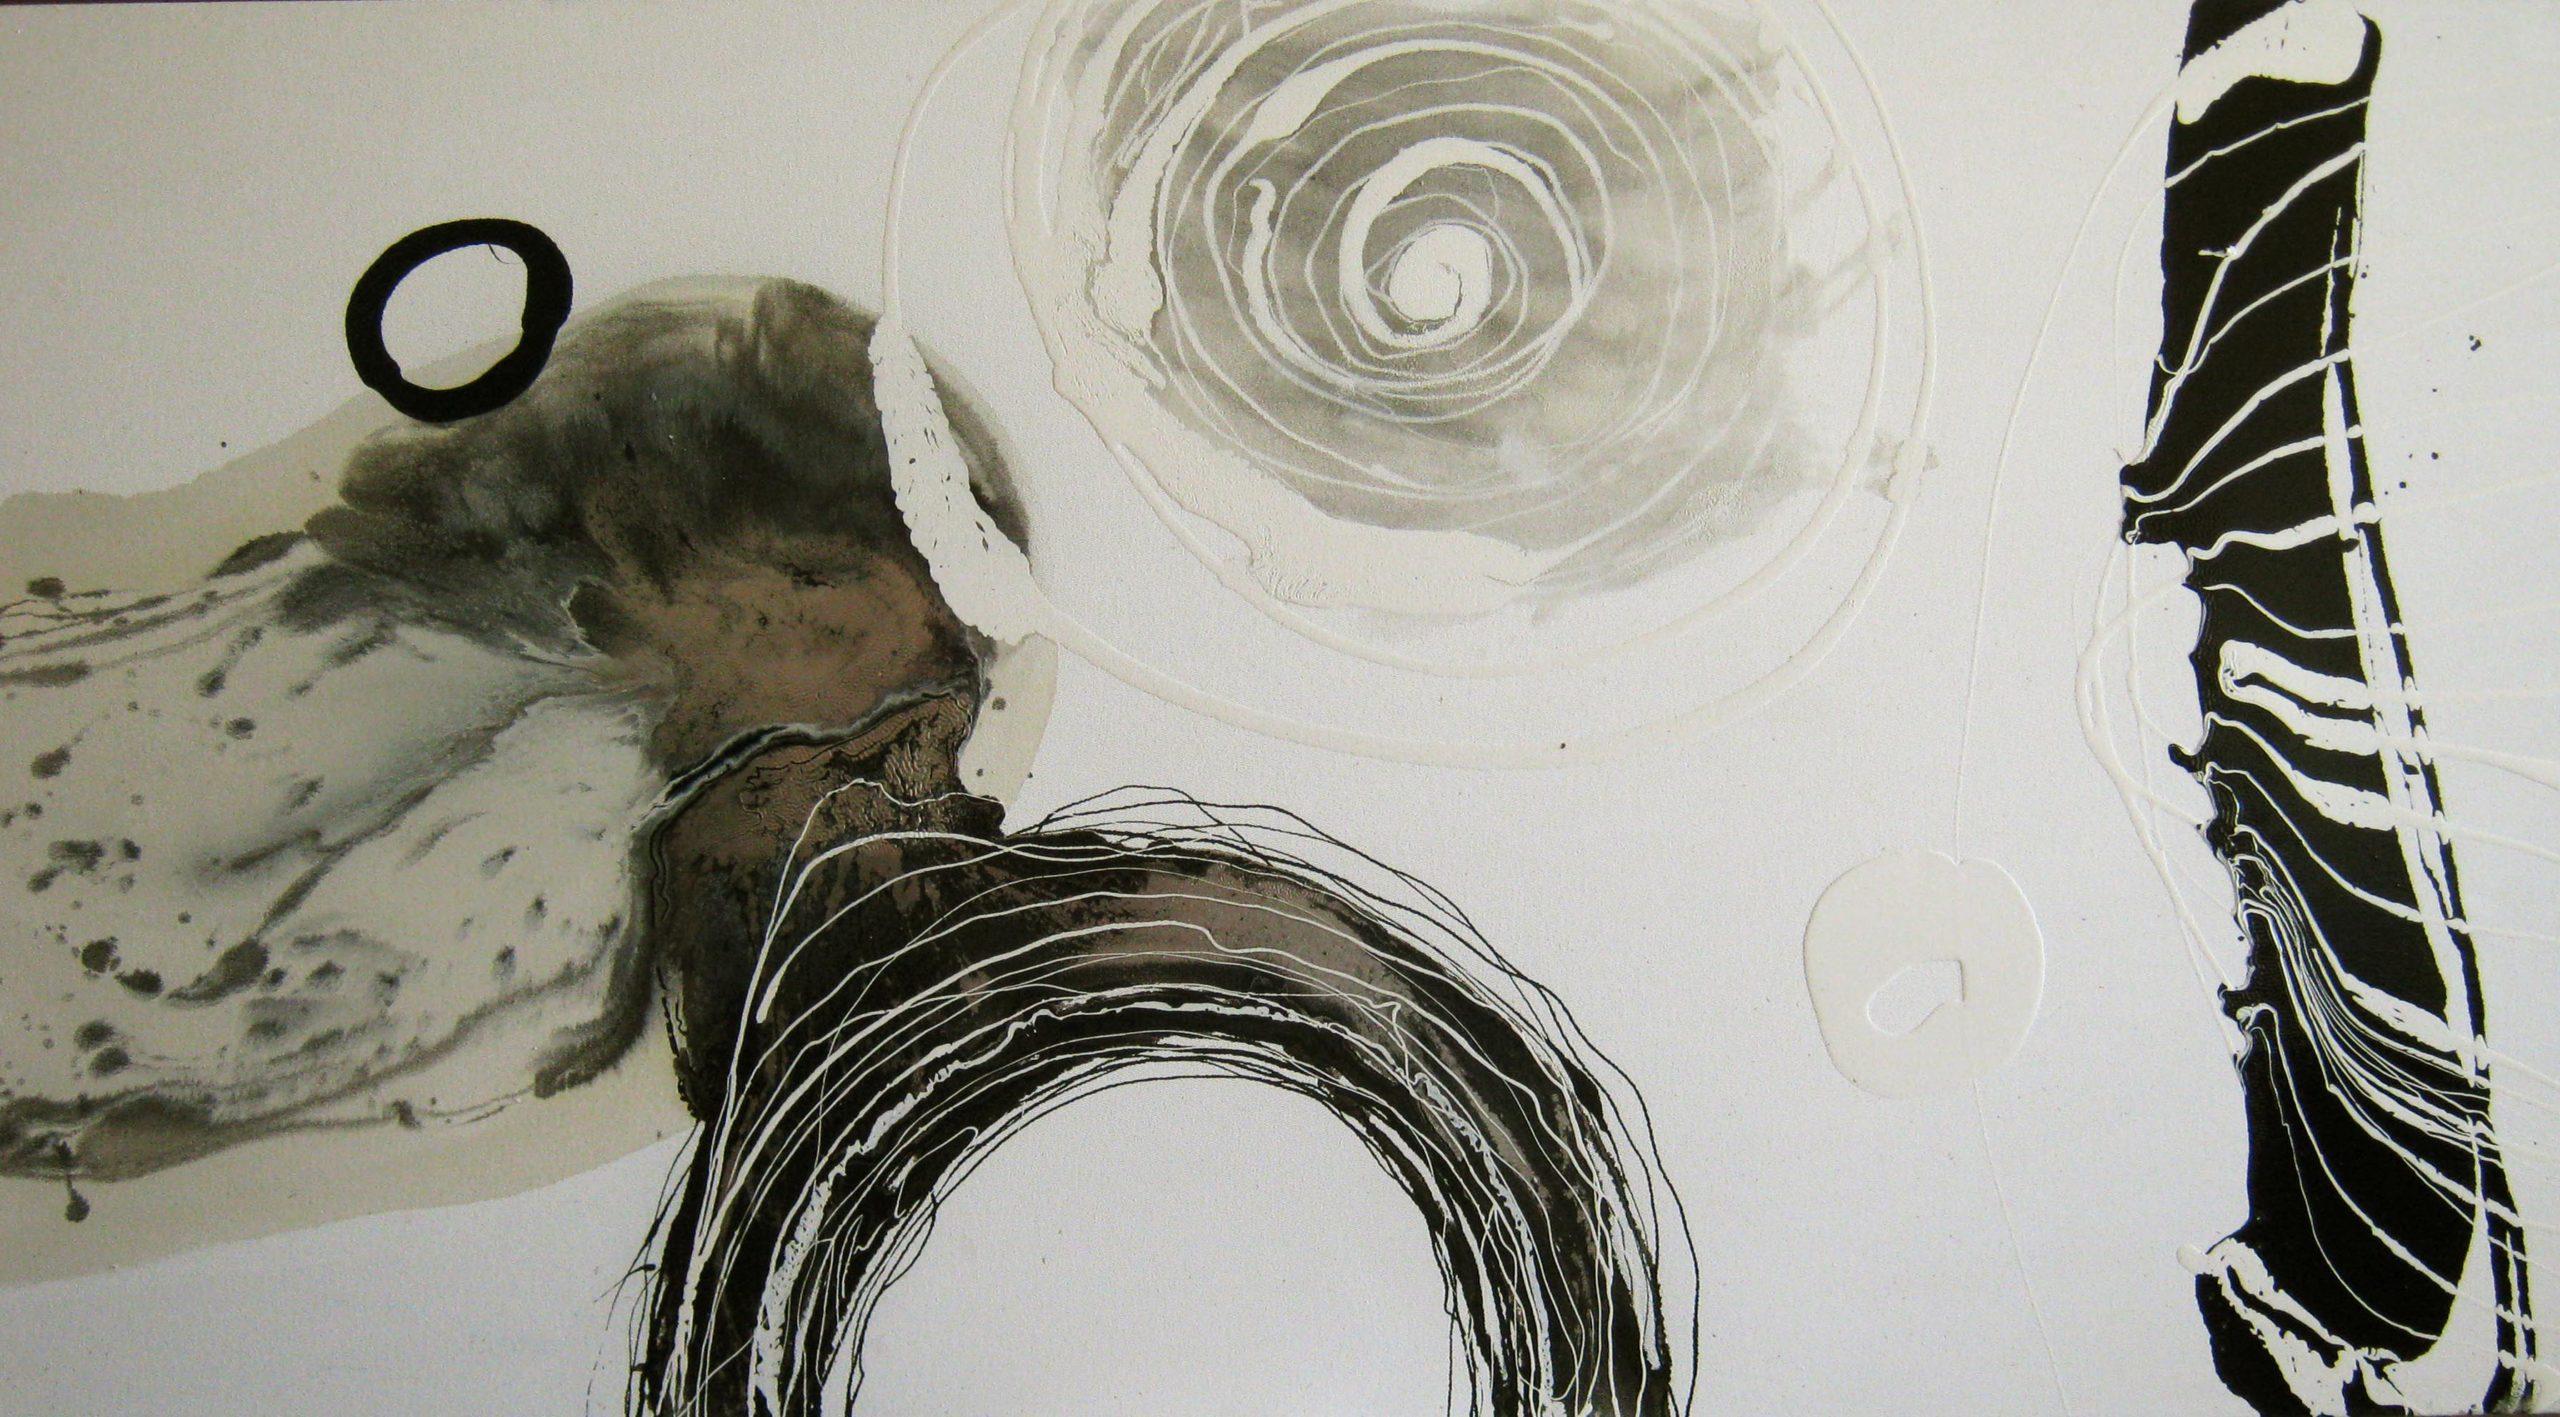 Vicky Sanders Abstract - Ebony and Ivory